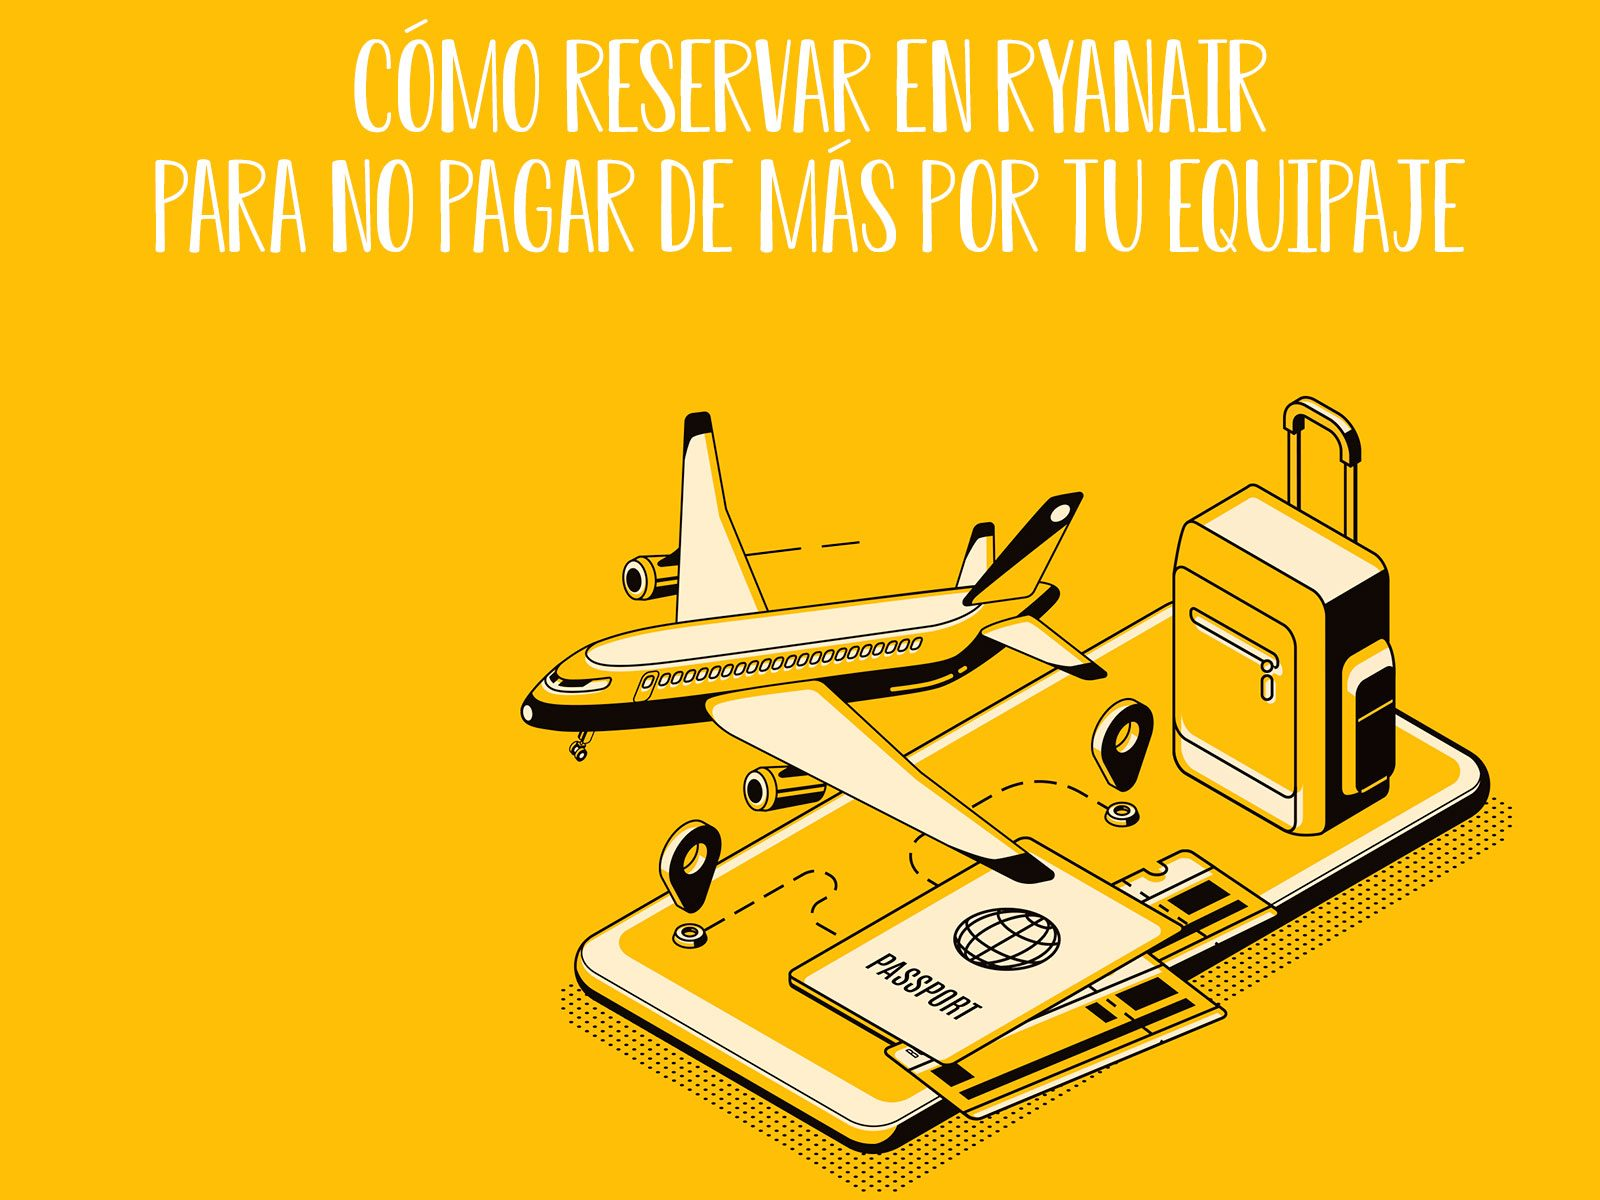 Cómo elegir el equipaje de mano en Ryanair